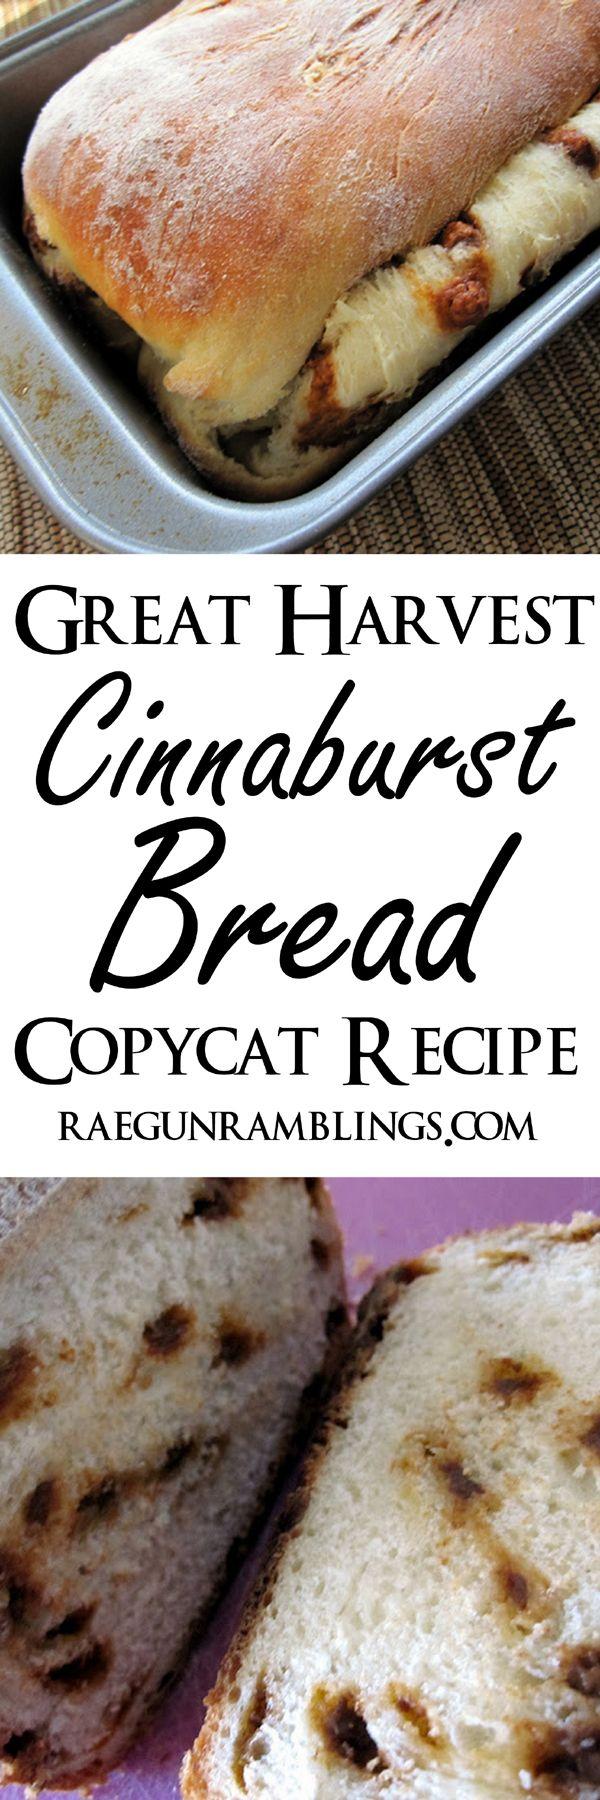 Recipe: Cinnaburst Bread - Rae Gun Ramblings